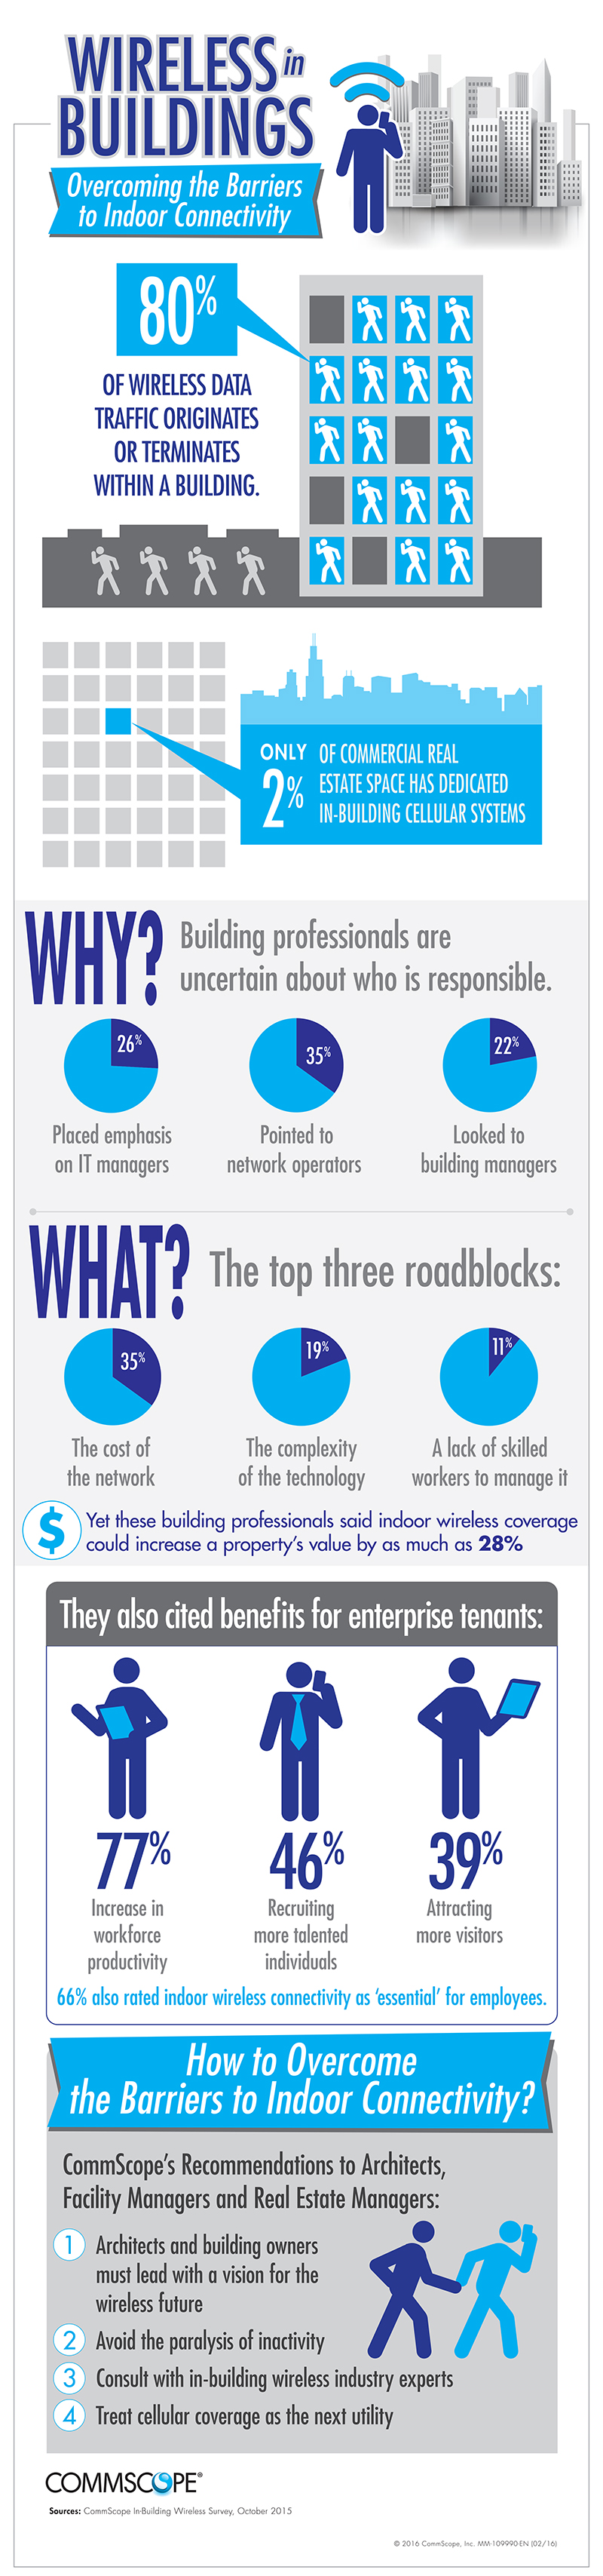 CommScope infographic